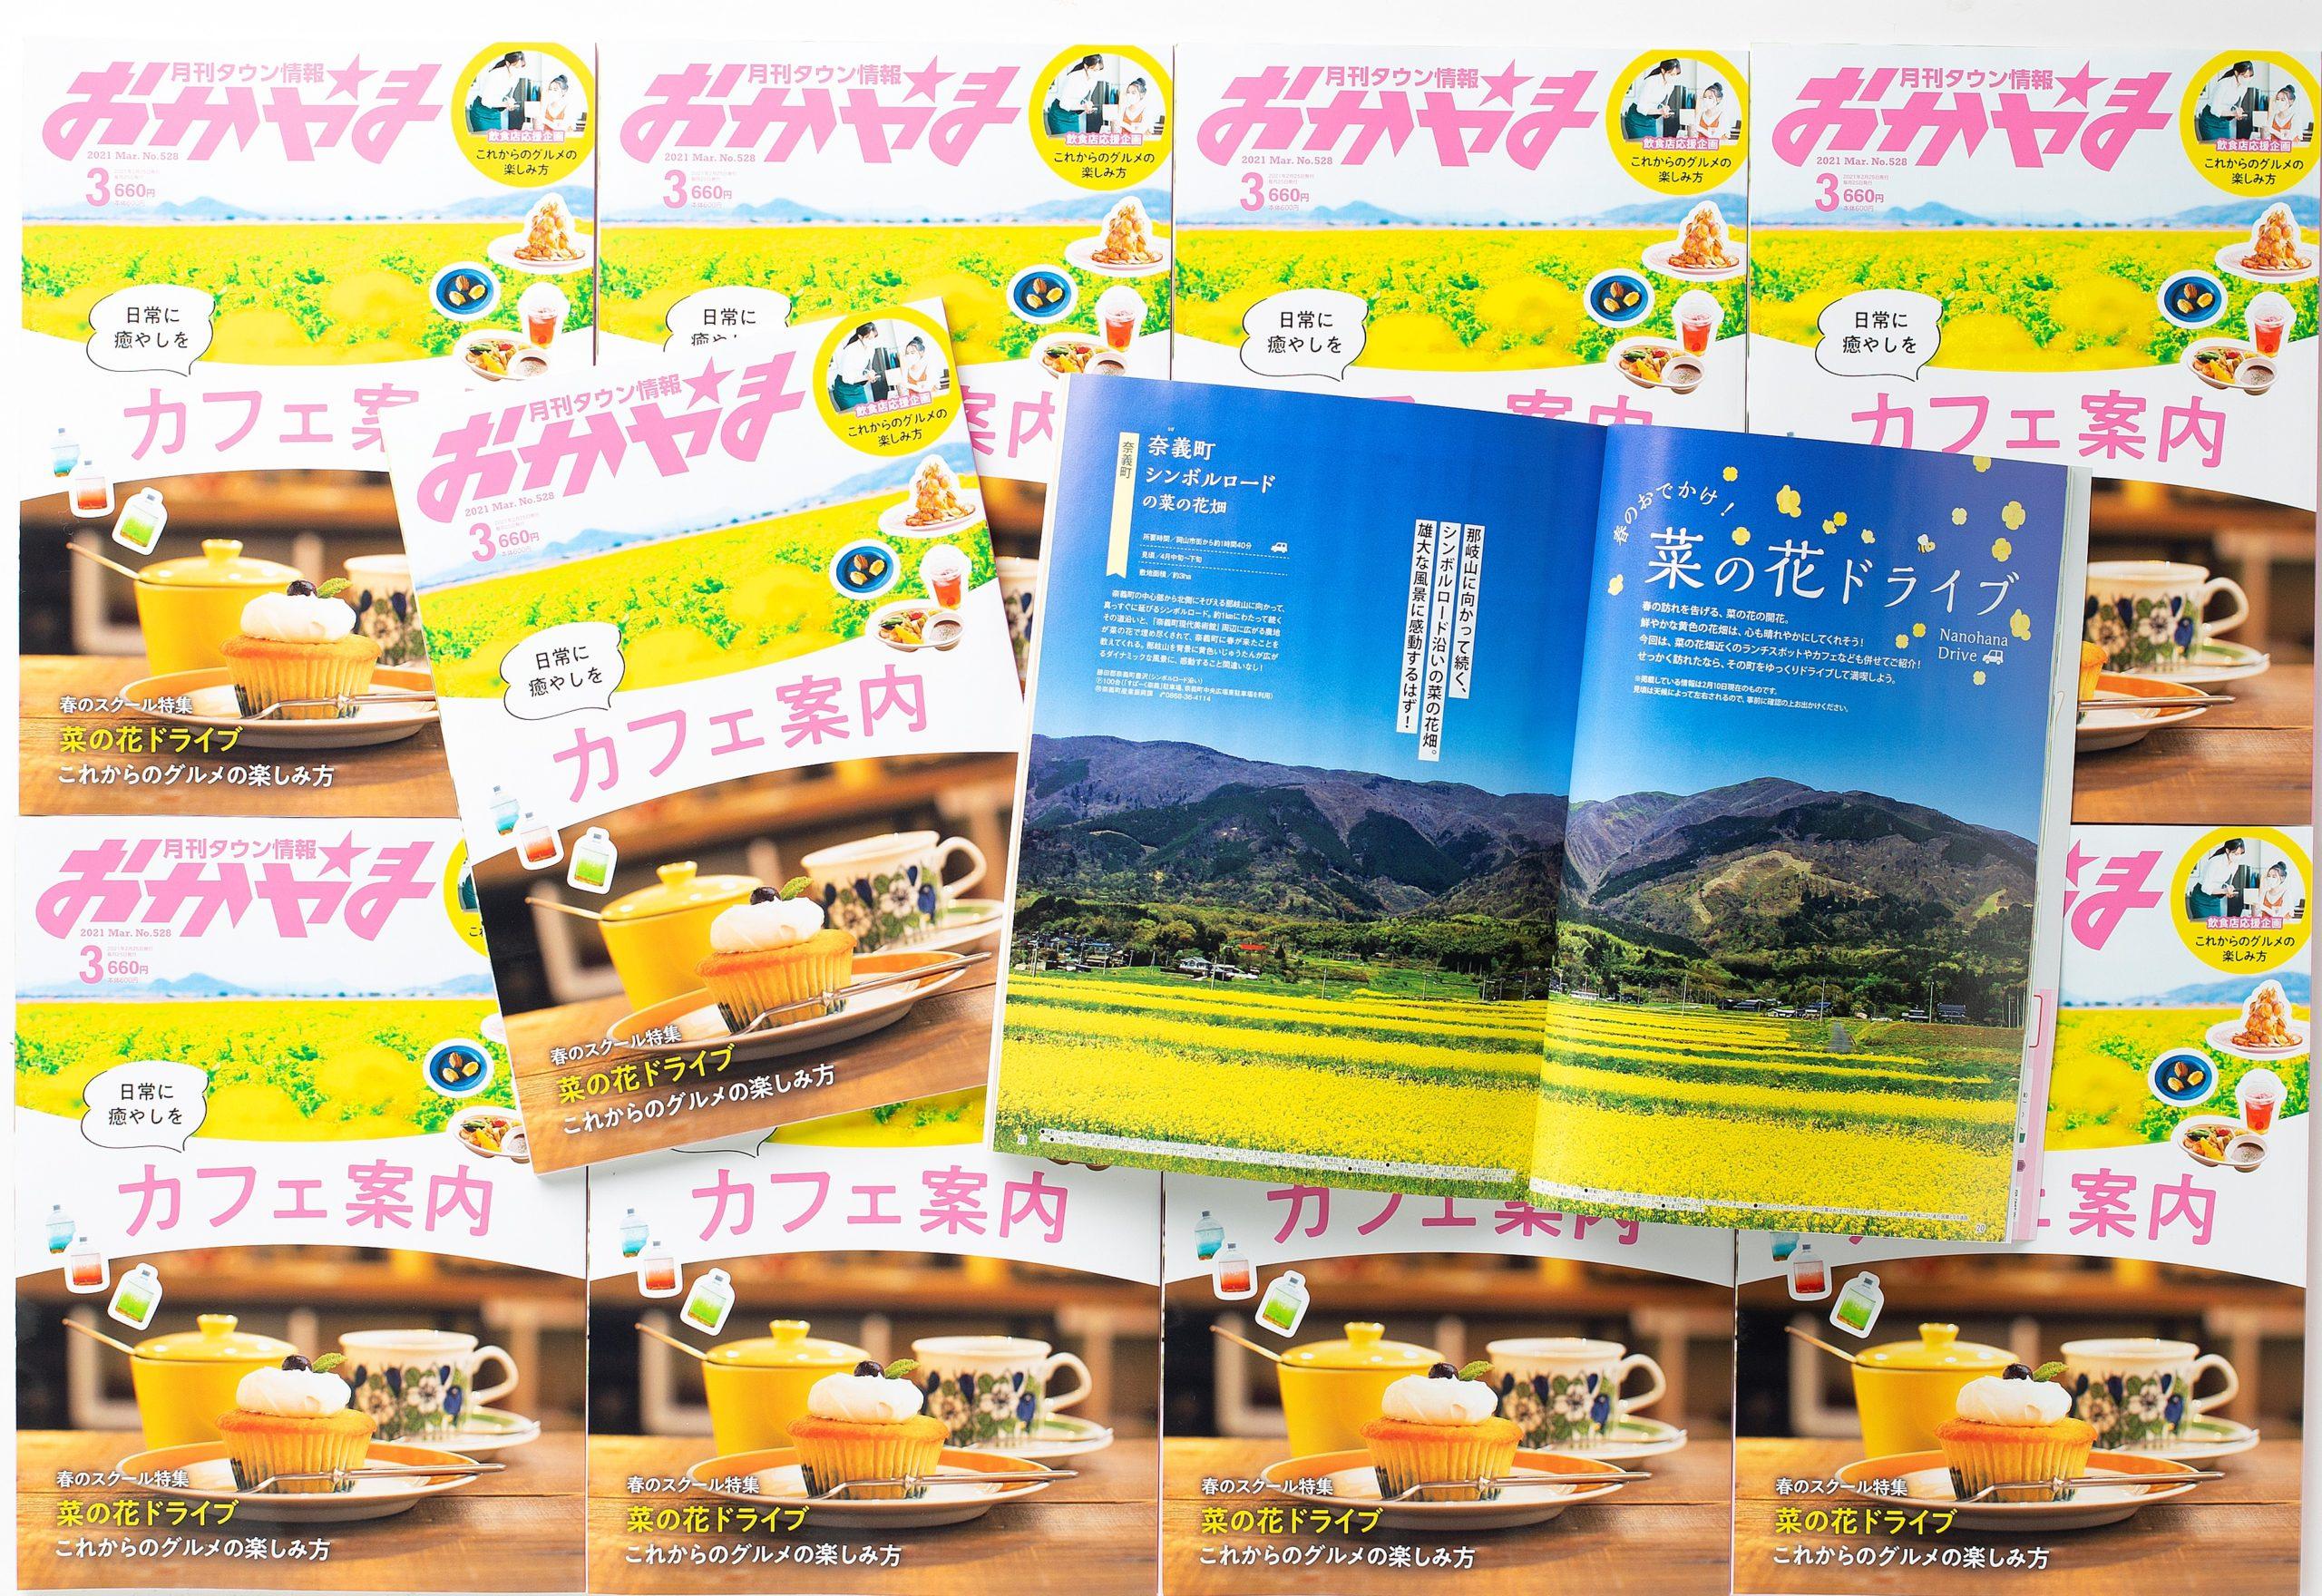 タウン情報おかやま3月号に瀬戸内カメラガールズの写真が掲載されました!画像